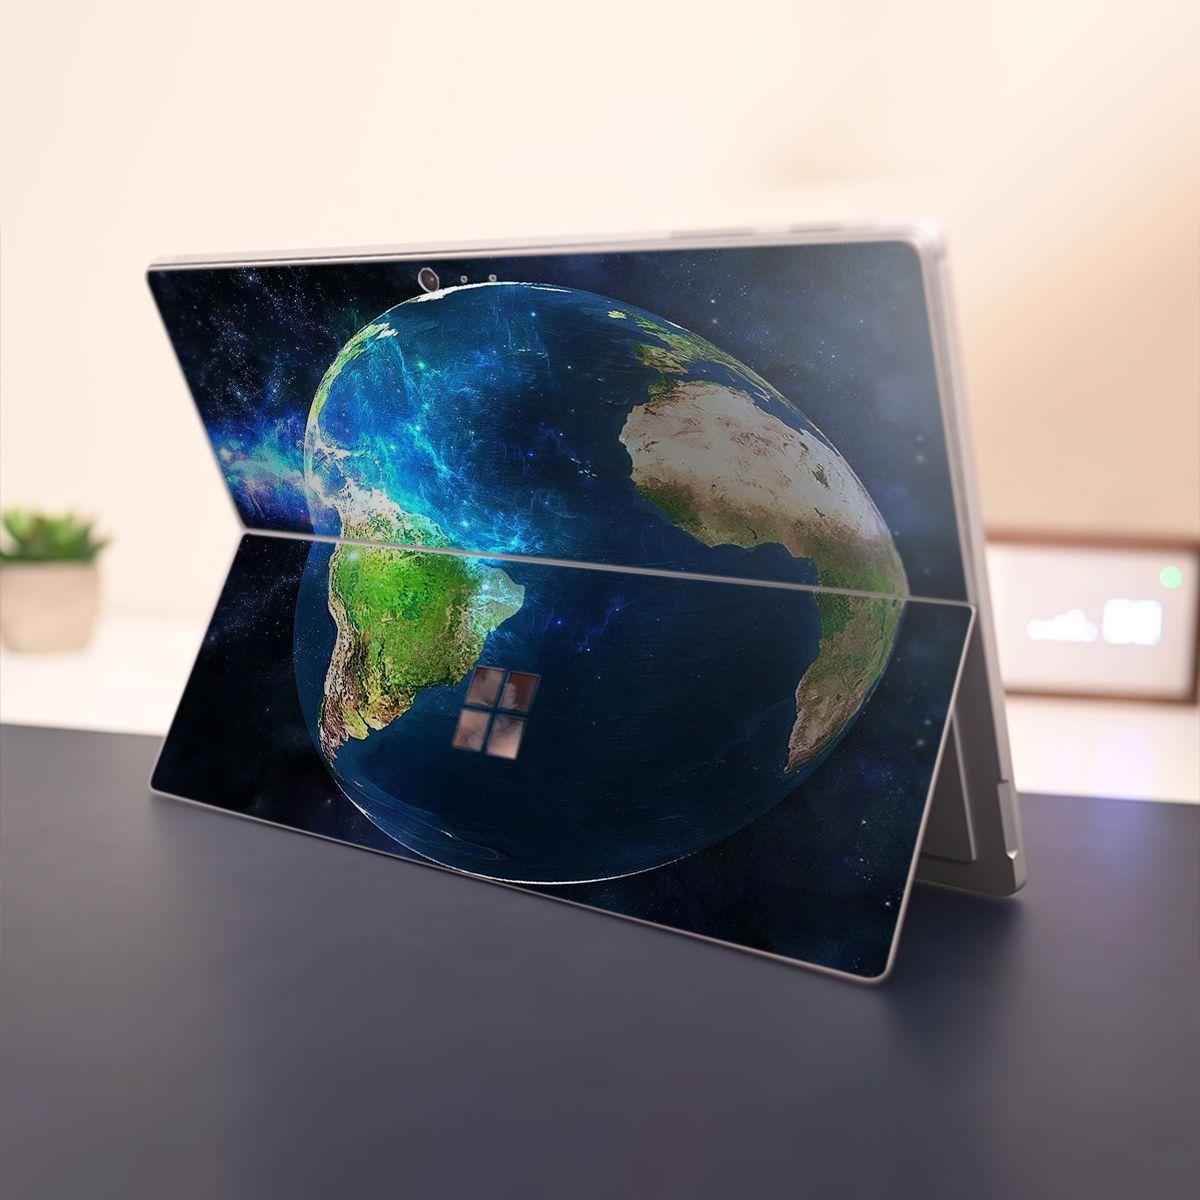 Skin dán hình không gian x04 cho Surface Go, Pro 2, Pro 3, Pro 4, Pro 5, Pro 6, Pro 7, Pro X